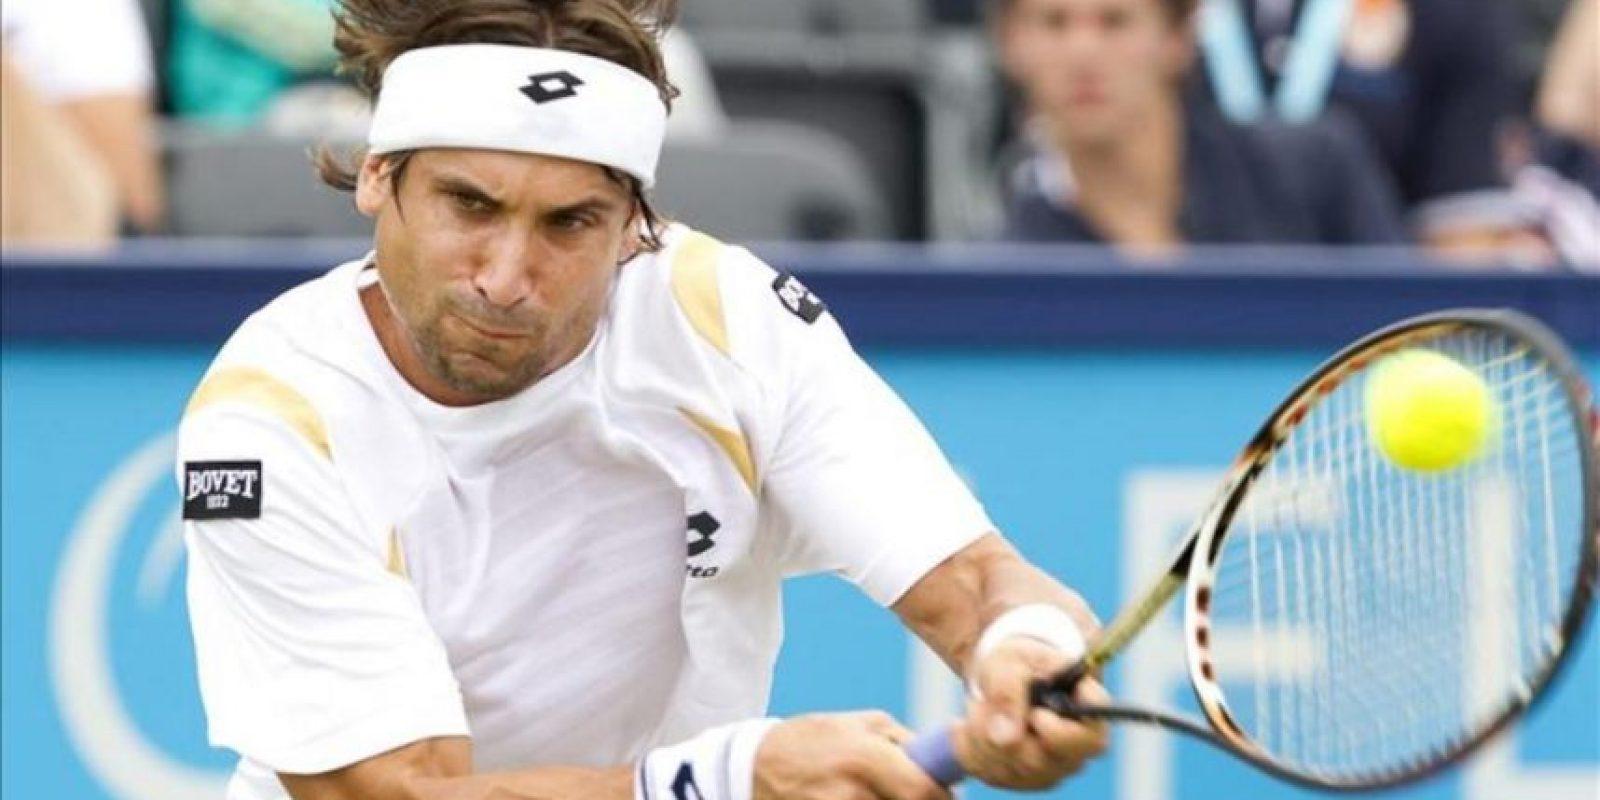 El tenista español David Ferrer devuelve la bola al holandés Igor Sijsling durante el partido de cuartos de final del torneo de Hertogenbosch que disputaron hoy en Rosmalen, Holanda. Ferrer ganó el encuentro por 6-0 y 6-1 en 42 minutos de partido. EFE